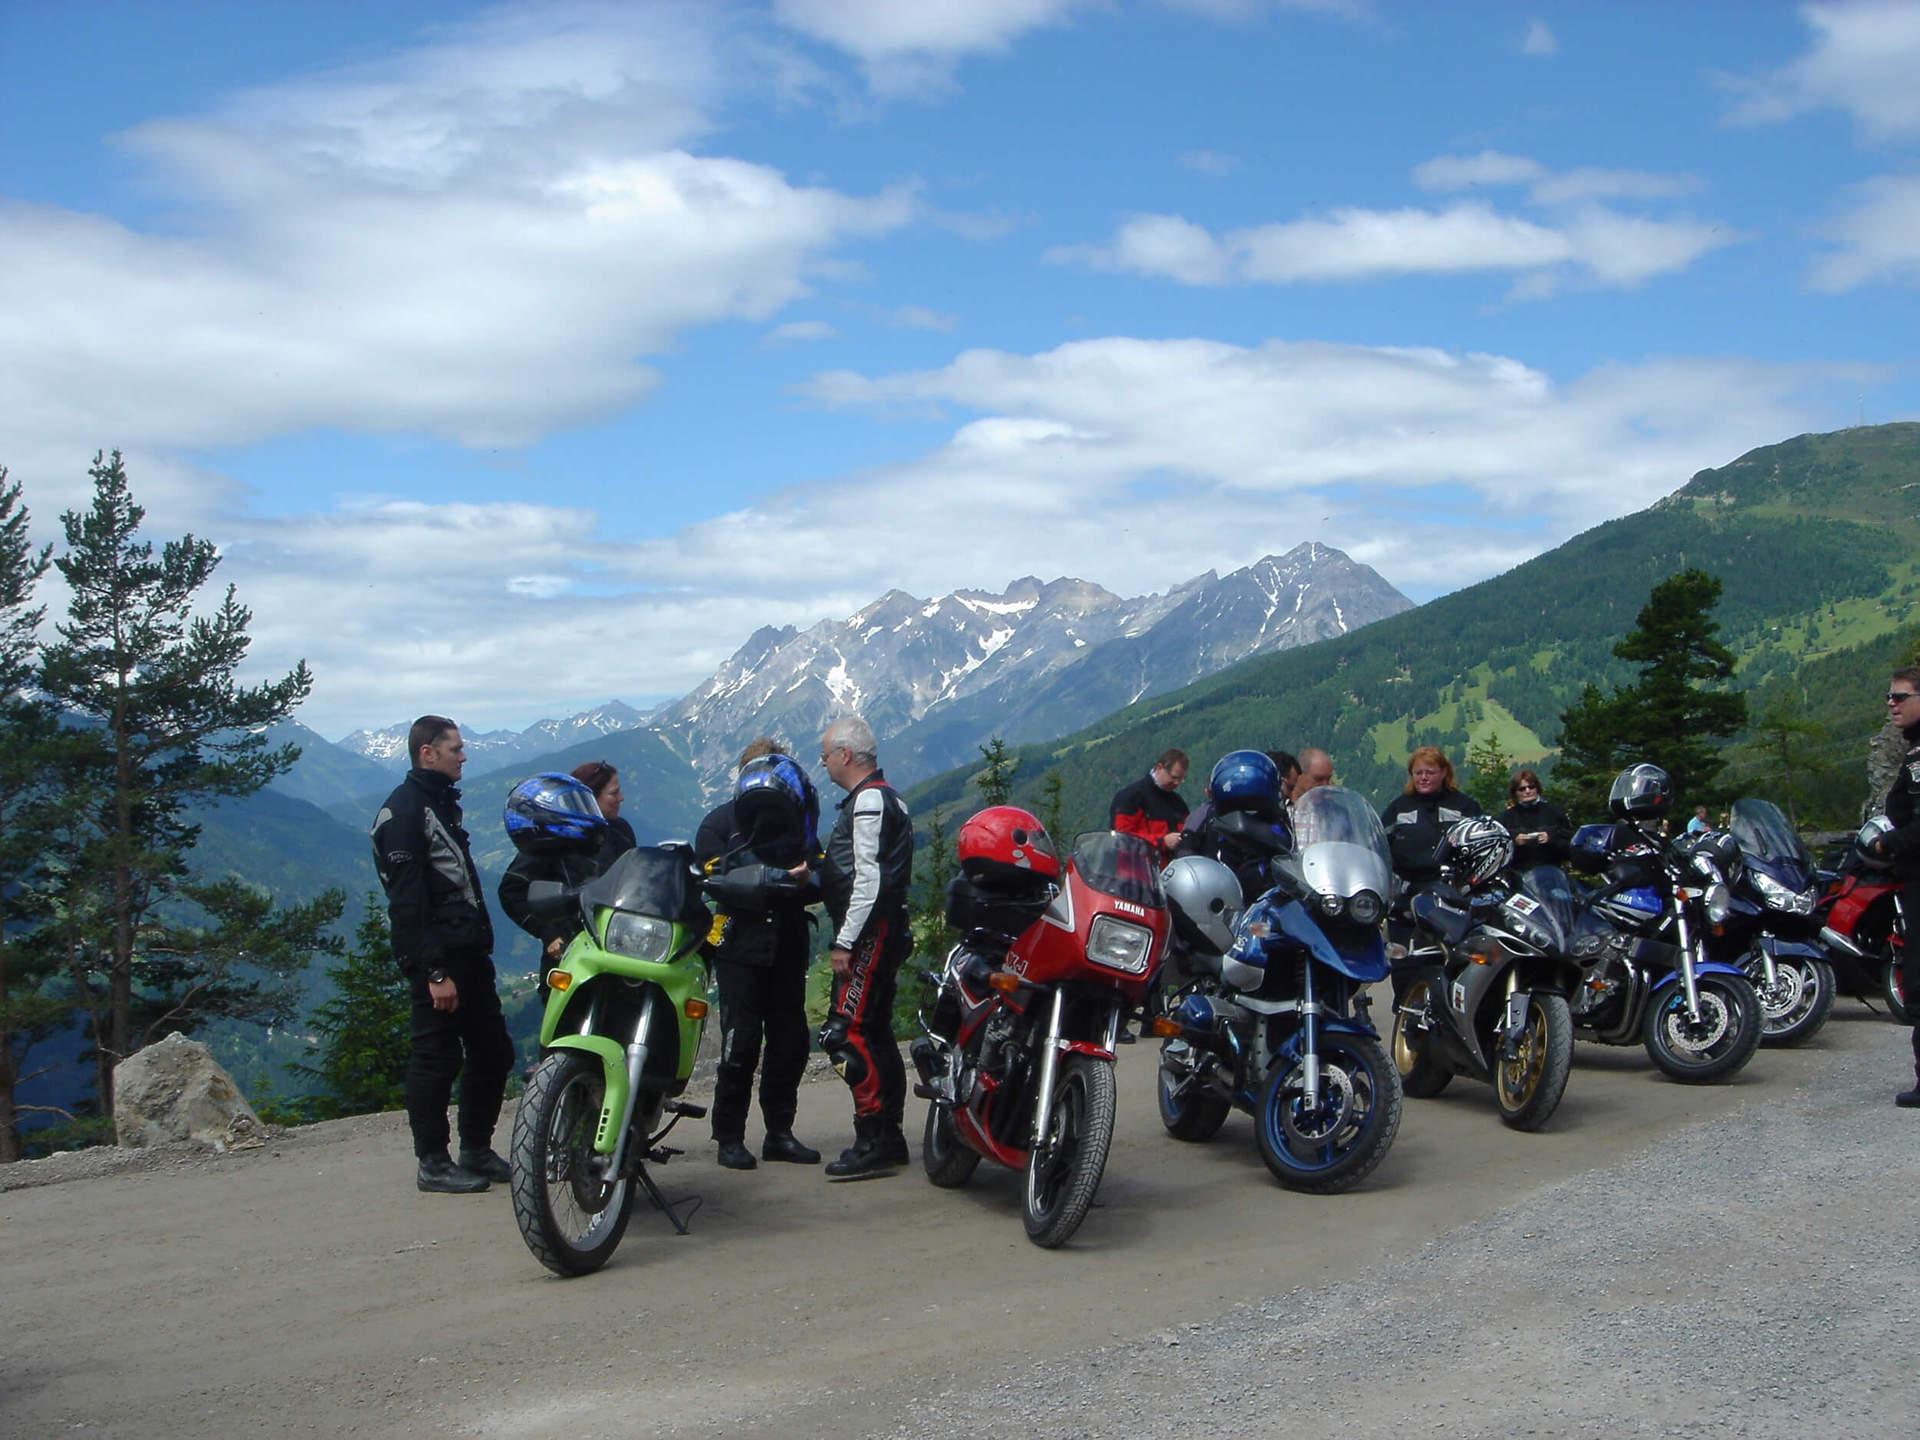 Alpen Hotel Post Motorradurlaub Mit Moho Motorrad Hotels